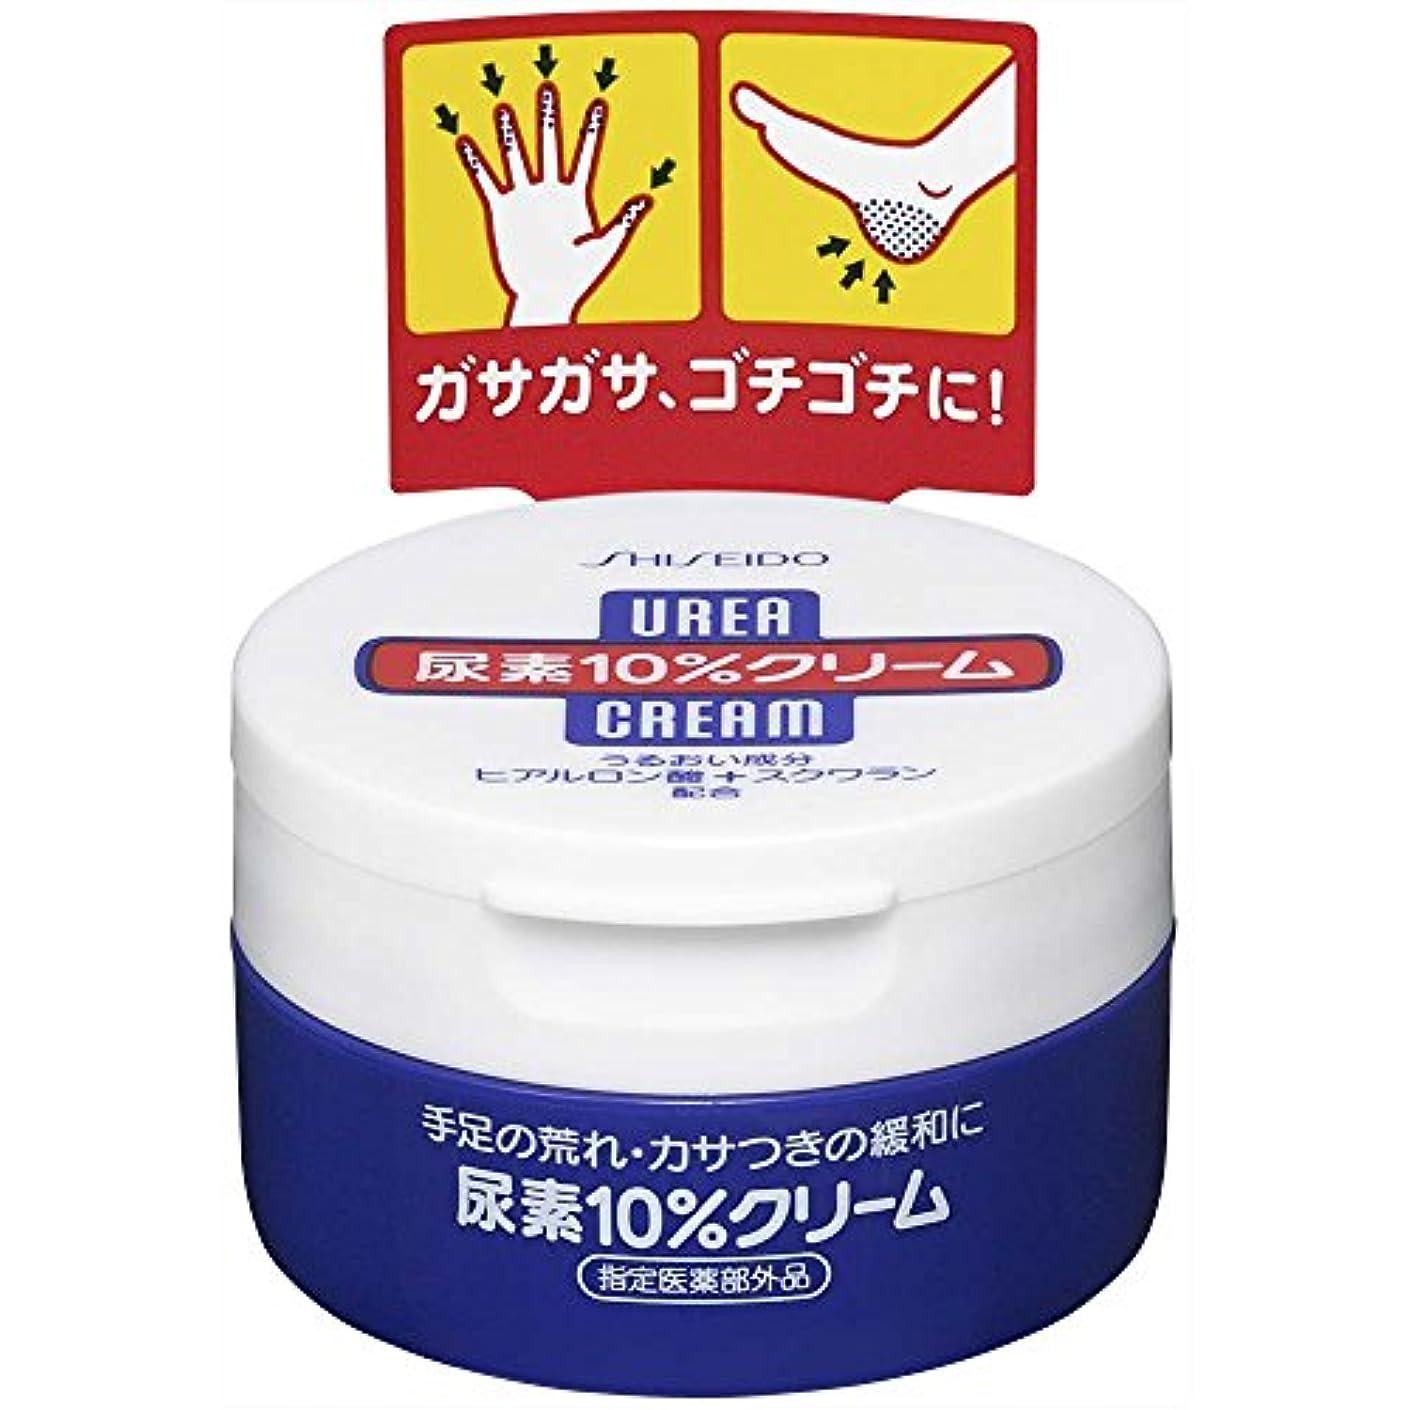 クラッシュ物思いにふける扱いやすい尿素10% クリーム 100g